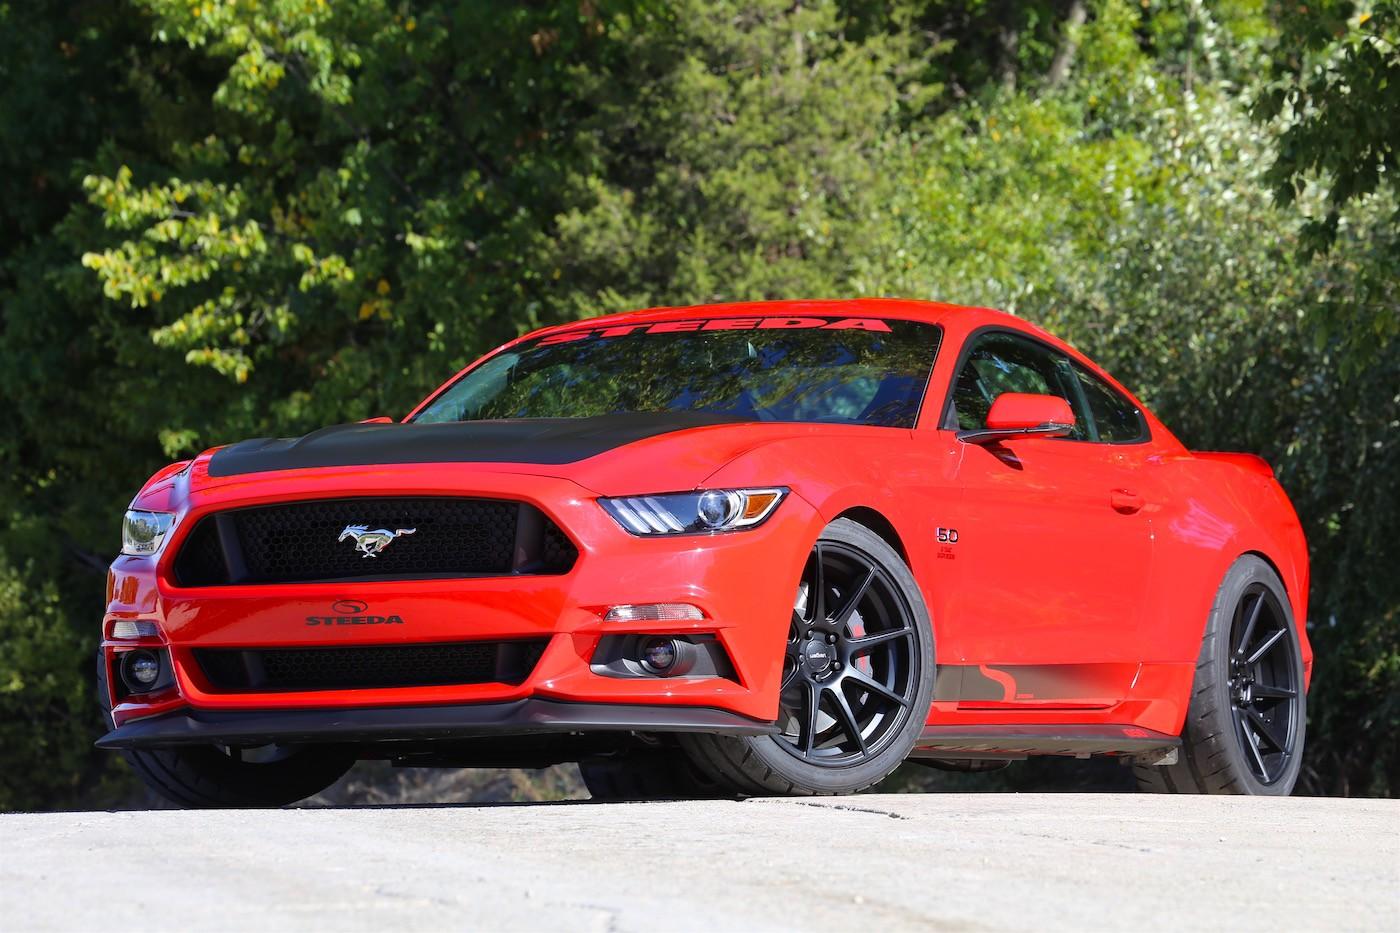 2017 Steeda Q750 StreetFighter Mustang Packs Hellcat-shaming 825 HP Blown V8 - autoevolution